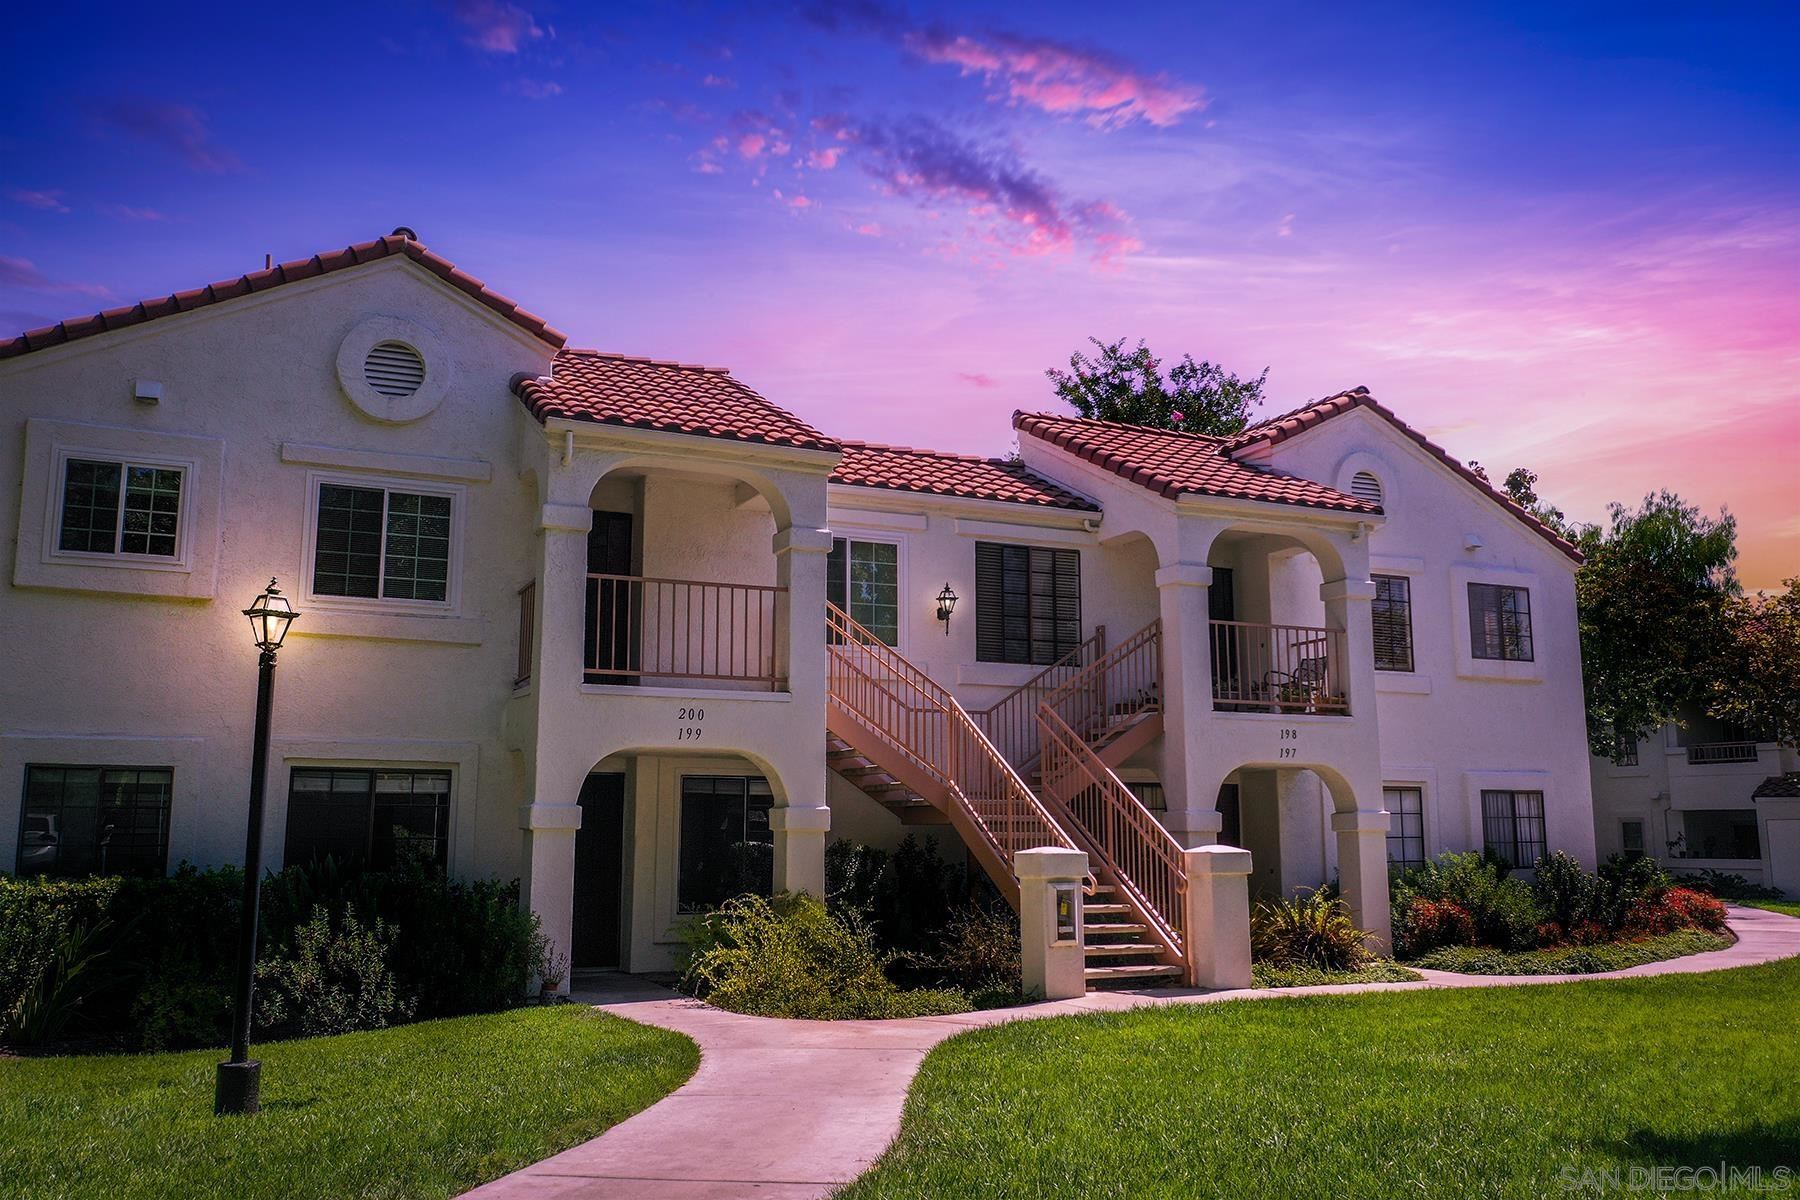 13312 Caminito Ciera #199, San Diego, CA 92129 - MLS#: 210026312